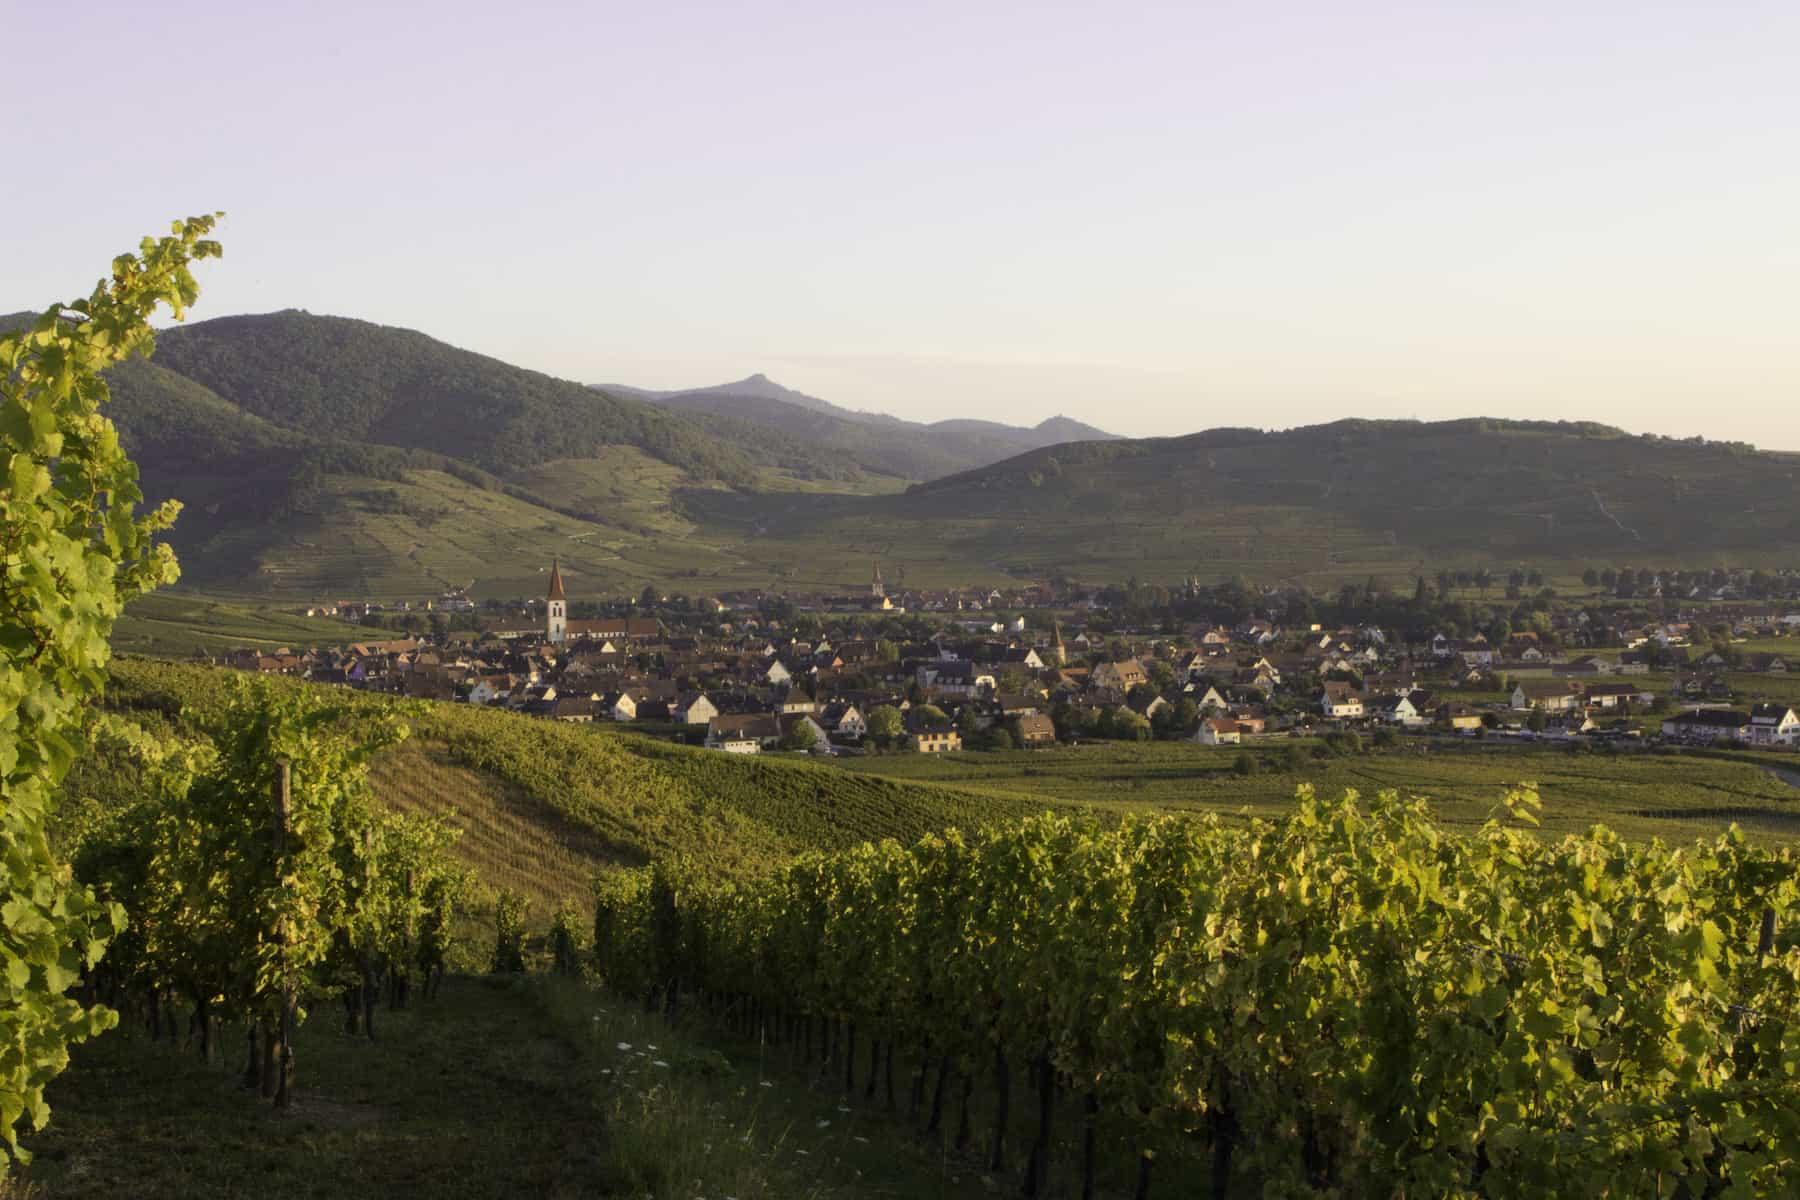 vue sur le village d'Ammerschwihr et les vignes en été